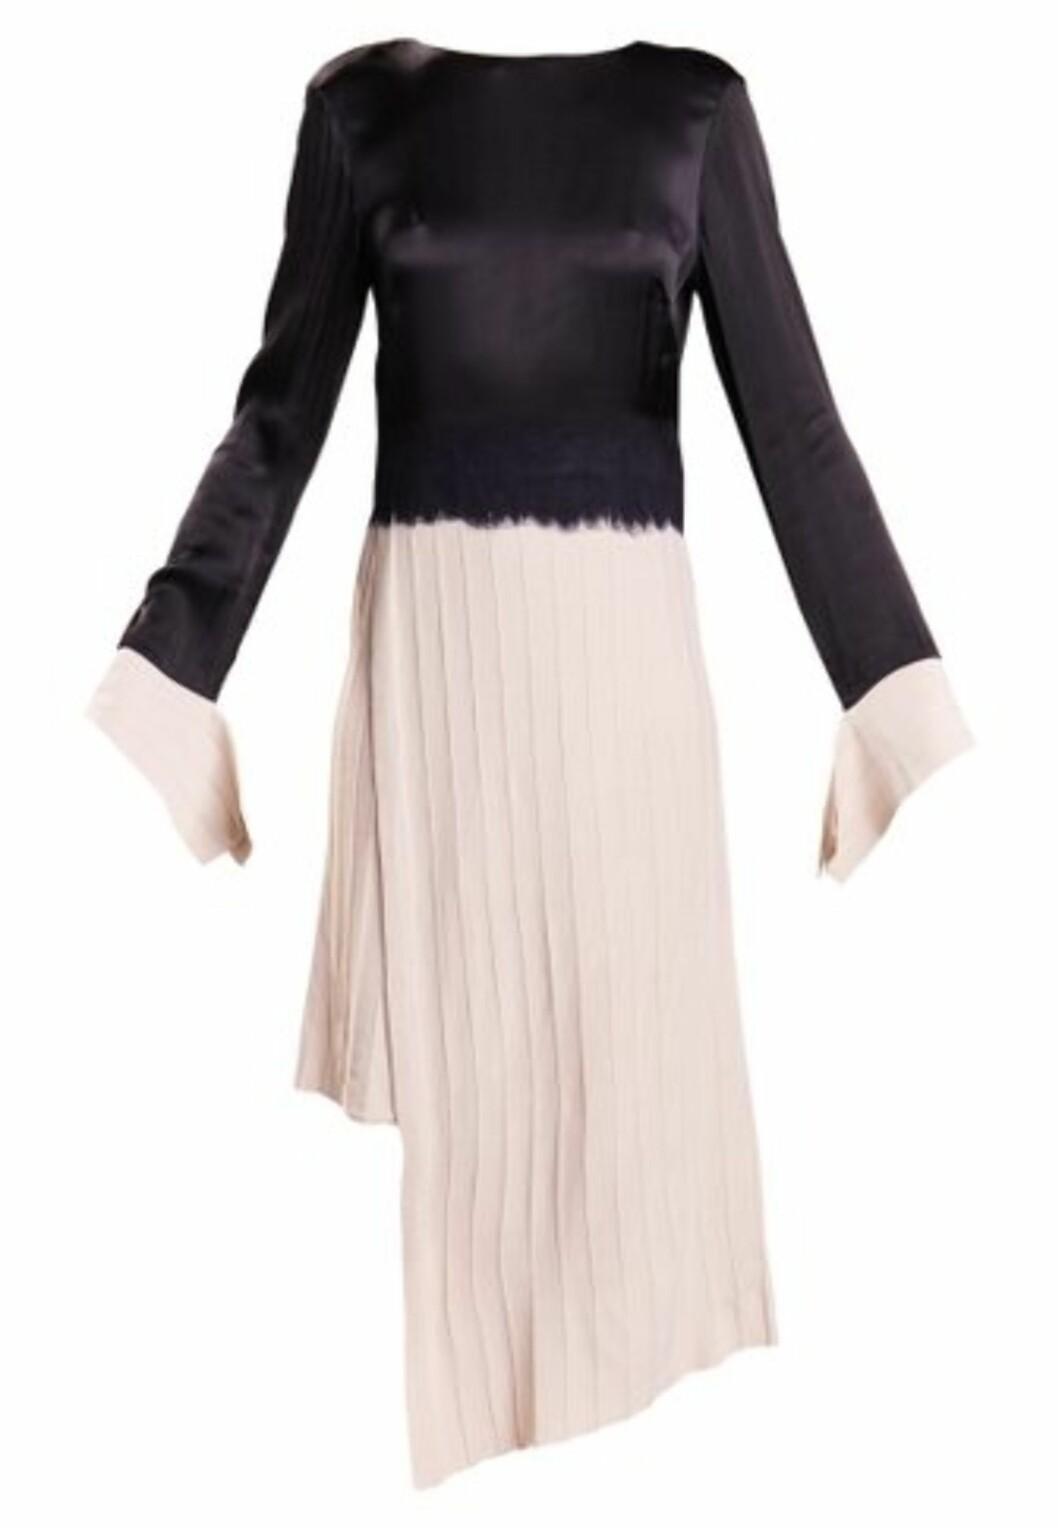 Kjole fra Dagmar via Nelly.com |5499,-| https://nelly.com/no/kl%C3%A6r-til-kvinner/kl%C3%A6r/kjoler/dagmar-576/nia-dress-576616-0984/